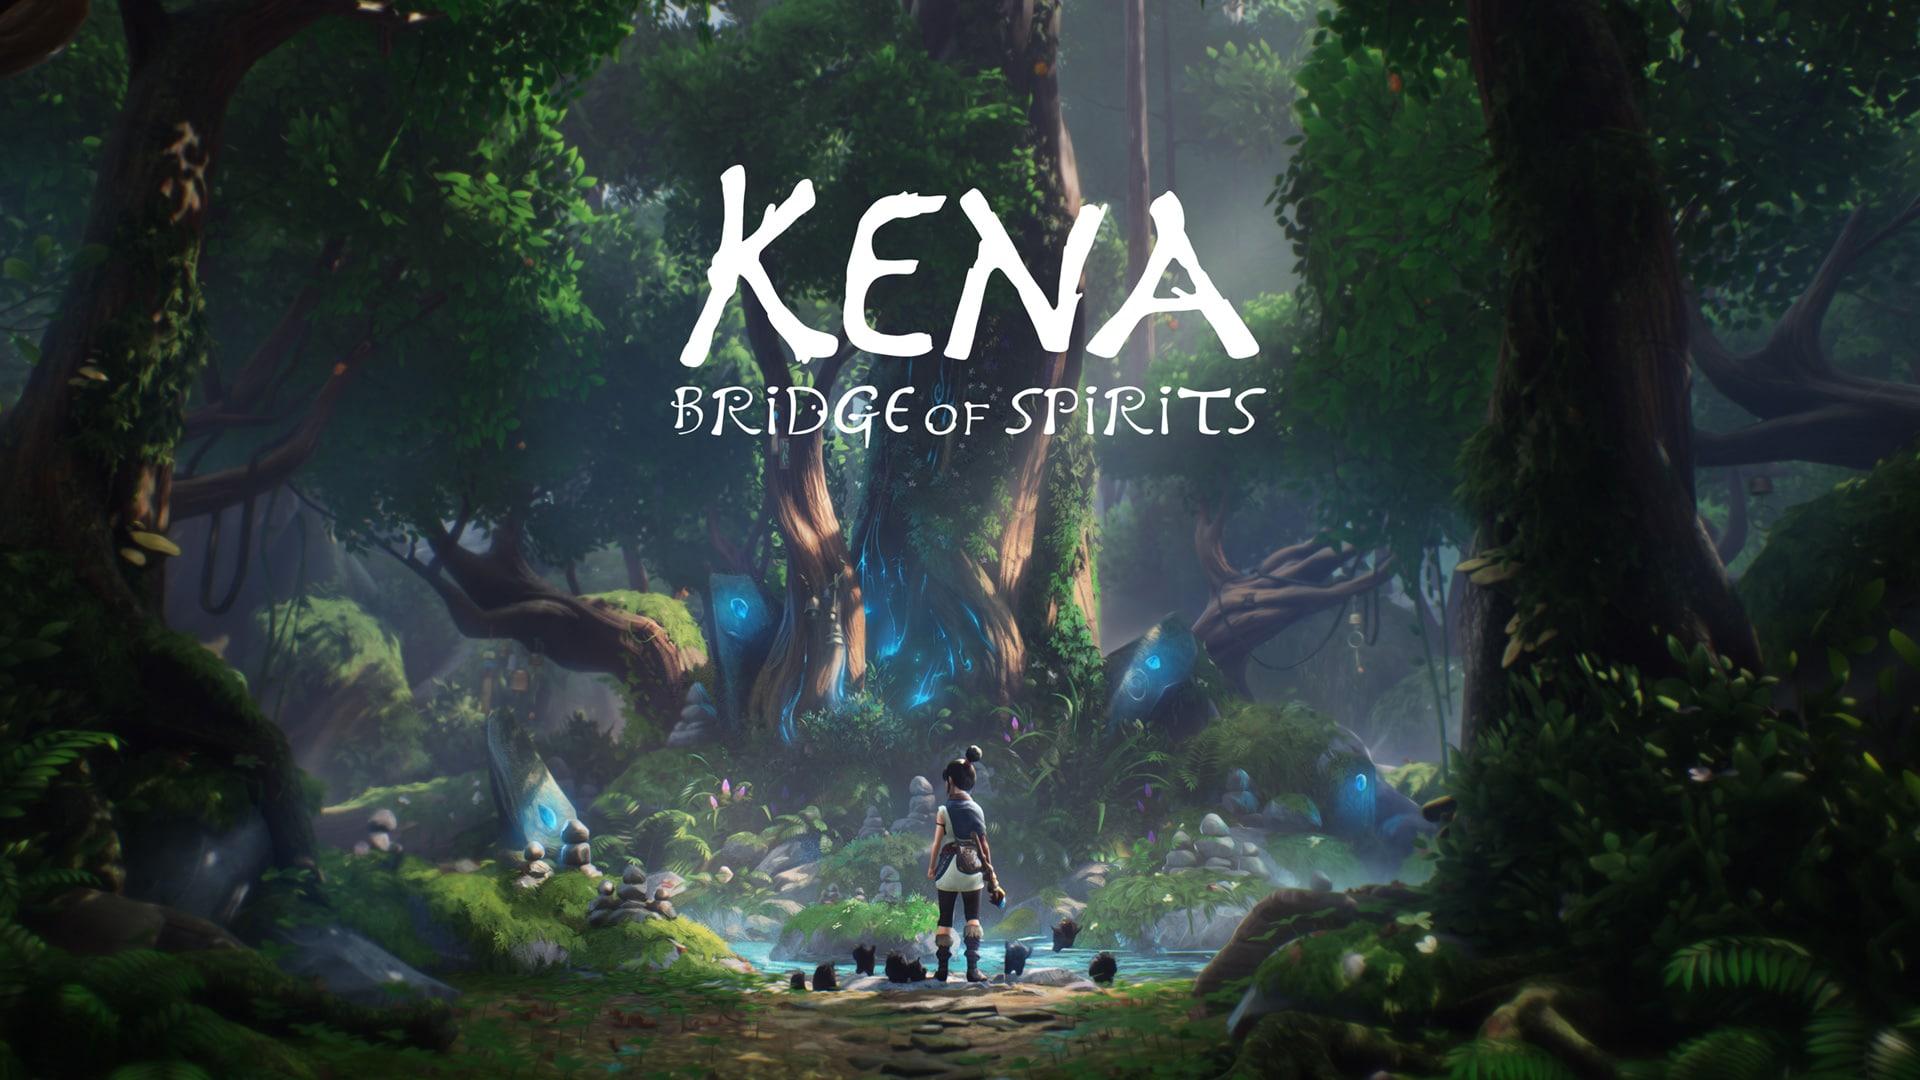 Primeiros 20 minutos de Kena: Bridge of Spirits em 4K são incriveis!